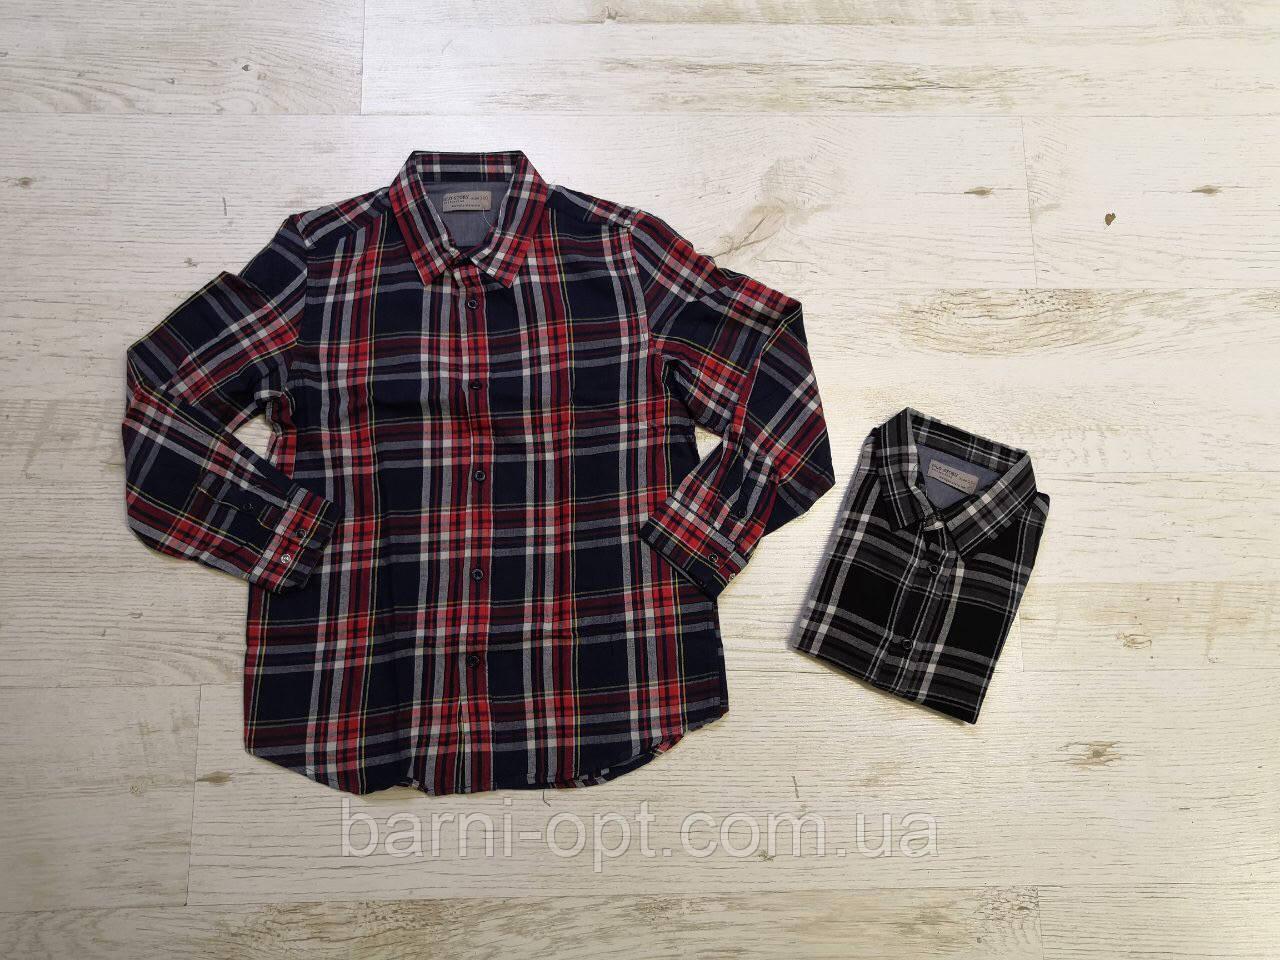 Рубашки на мальчика оптом, Glo-story, 134-164 рр